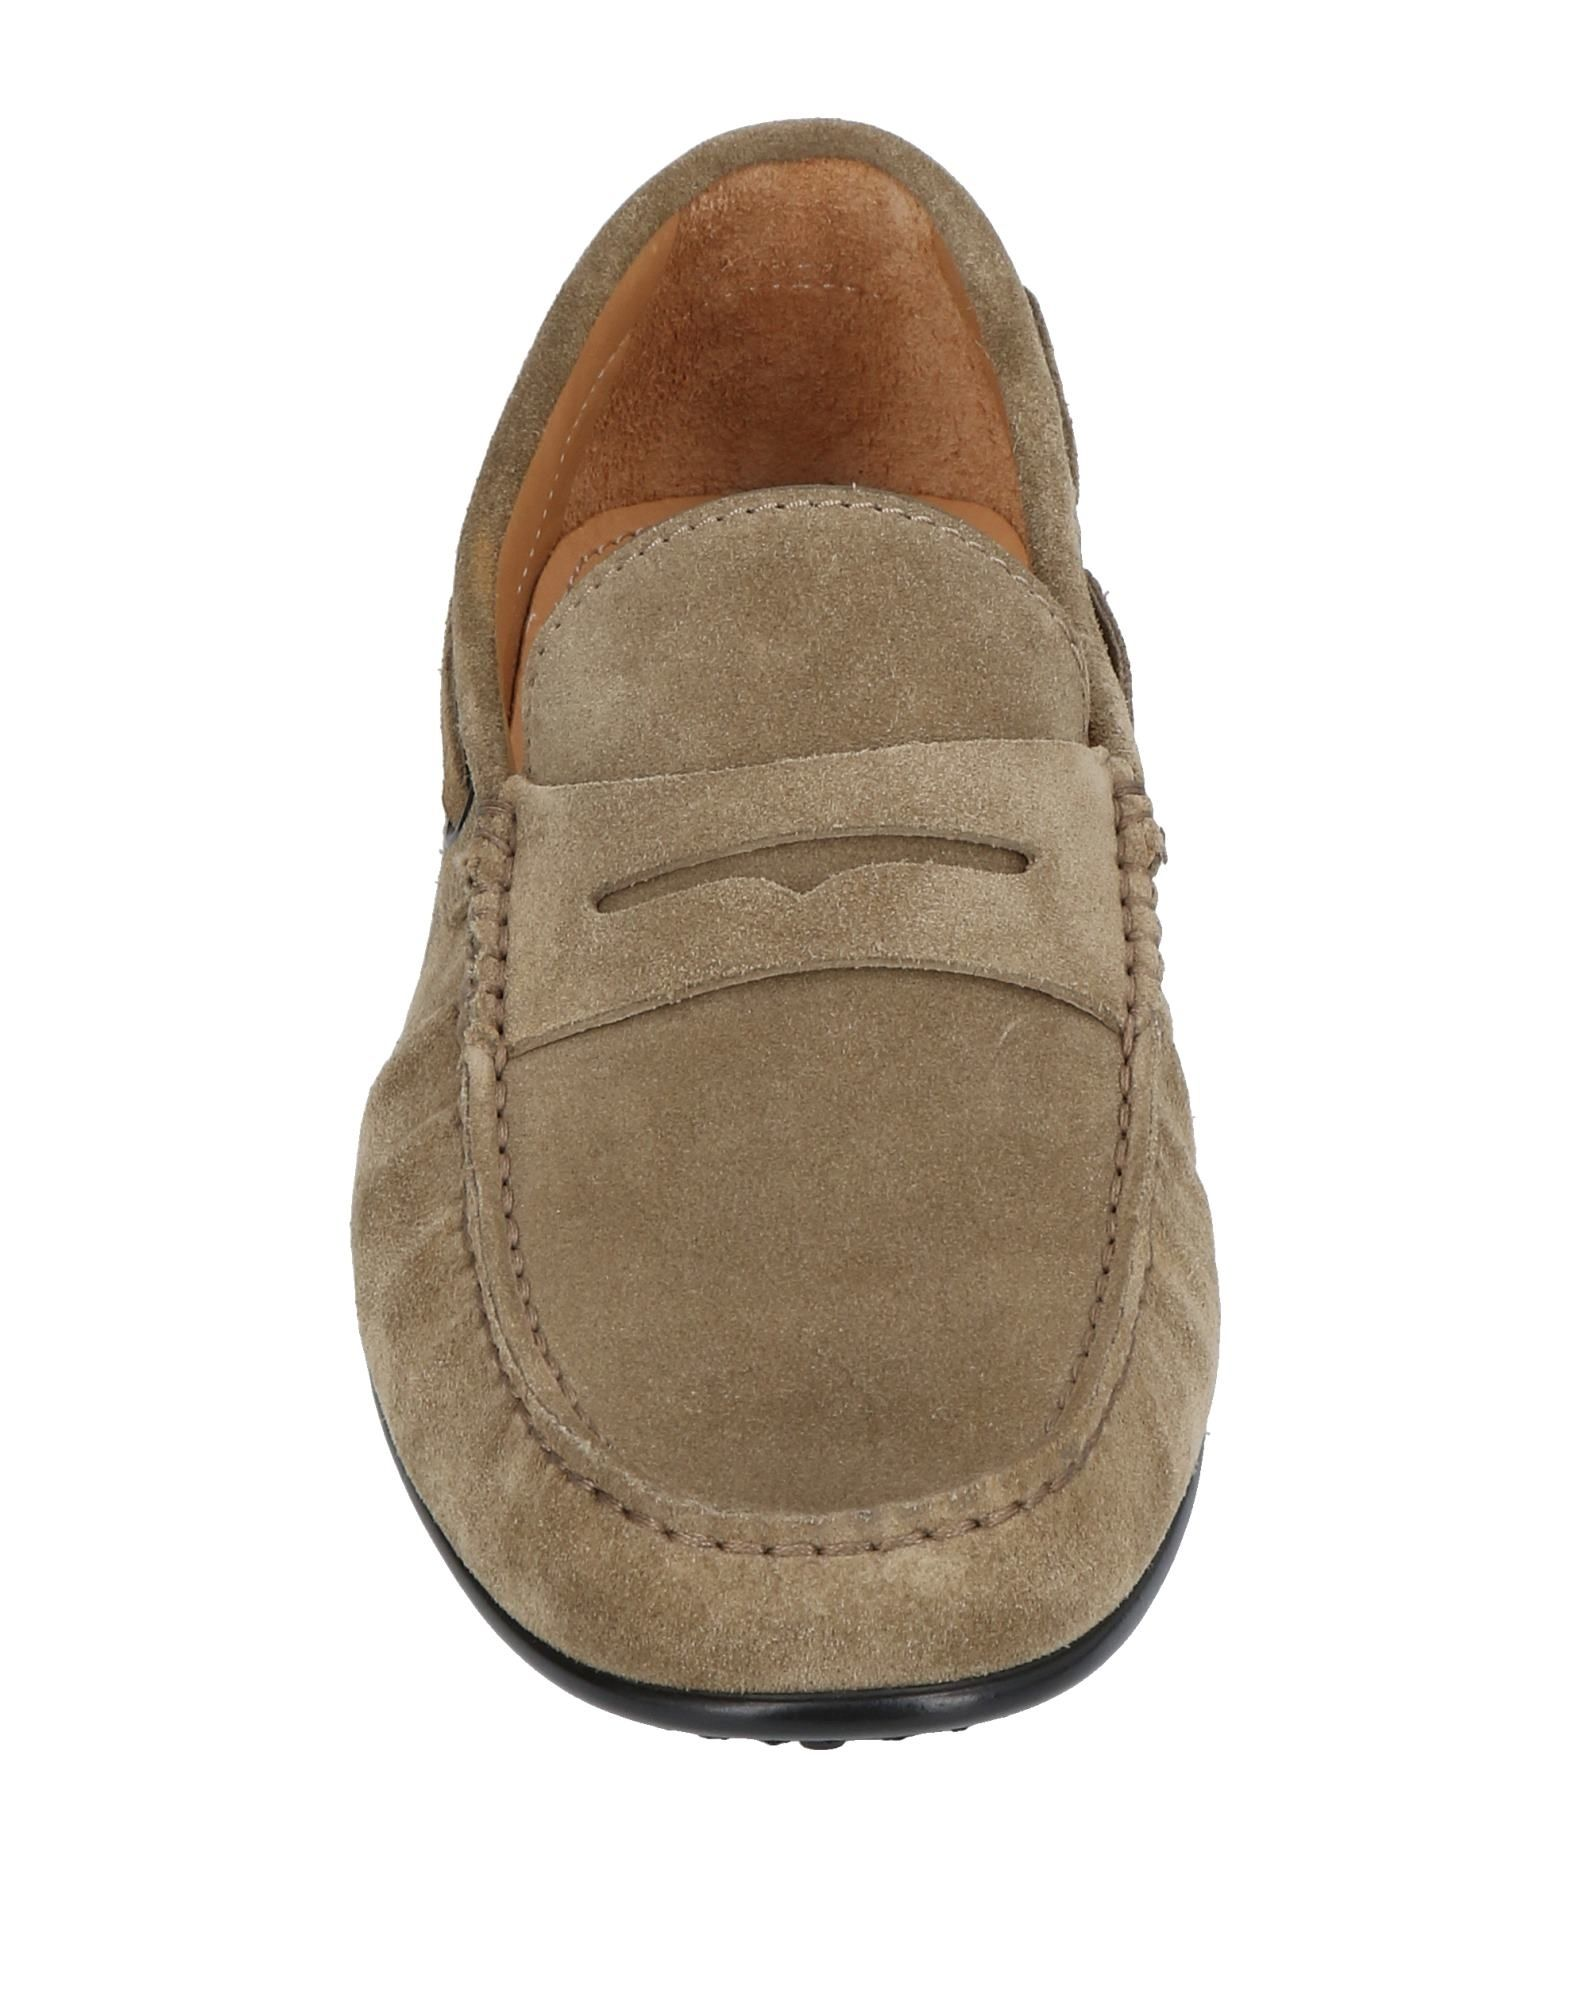 Rabatt echte Schuhe Baccaglini Herren Mokassins Herren Baccaglini  11464997JP 16ccd1